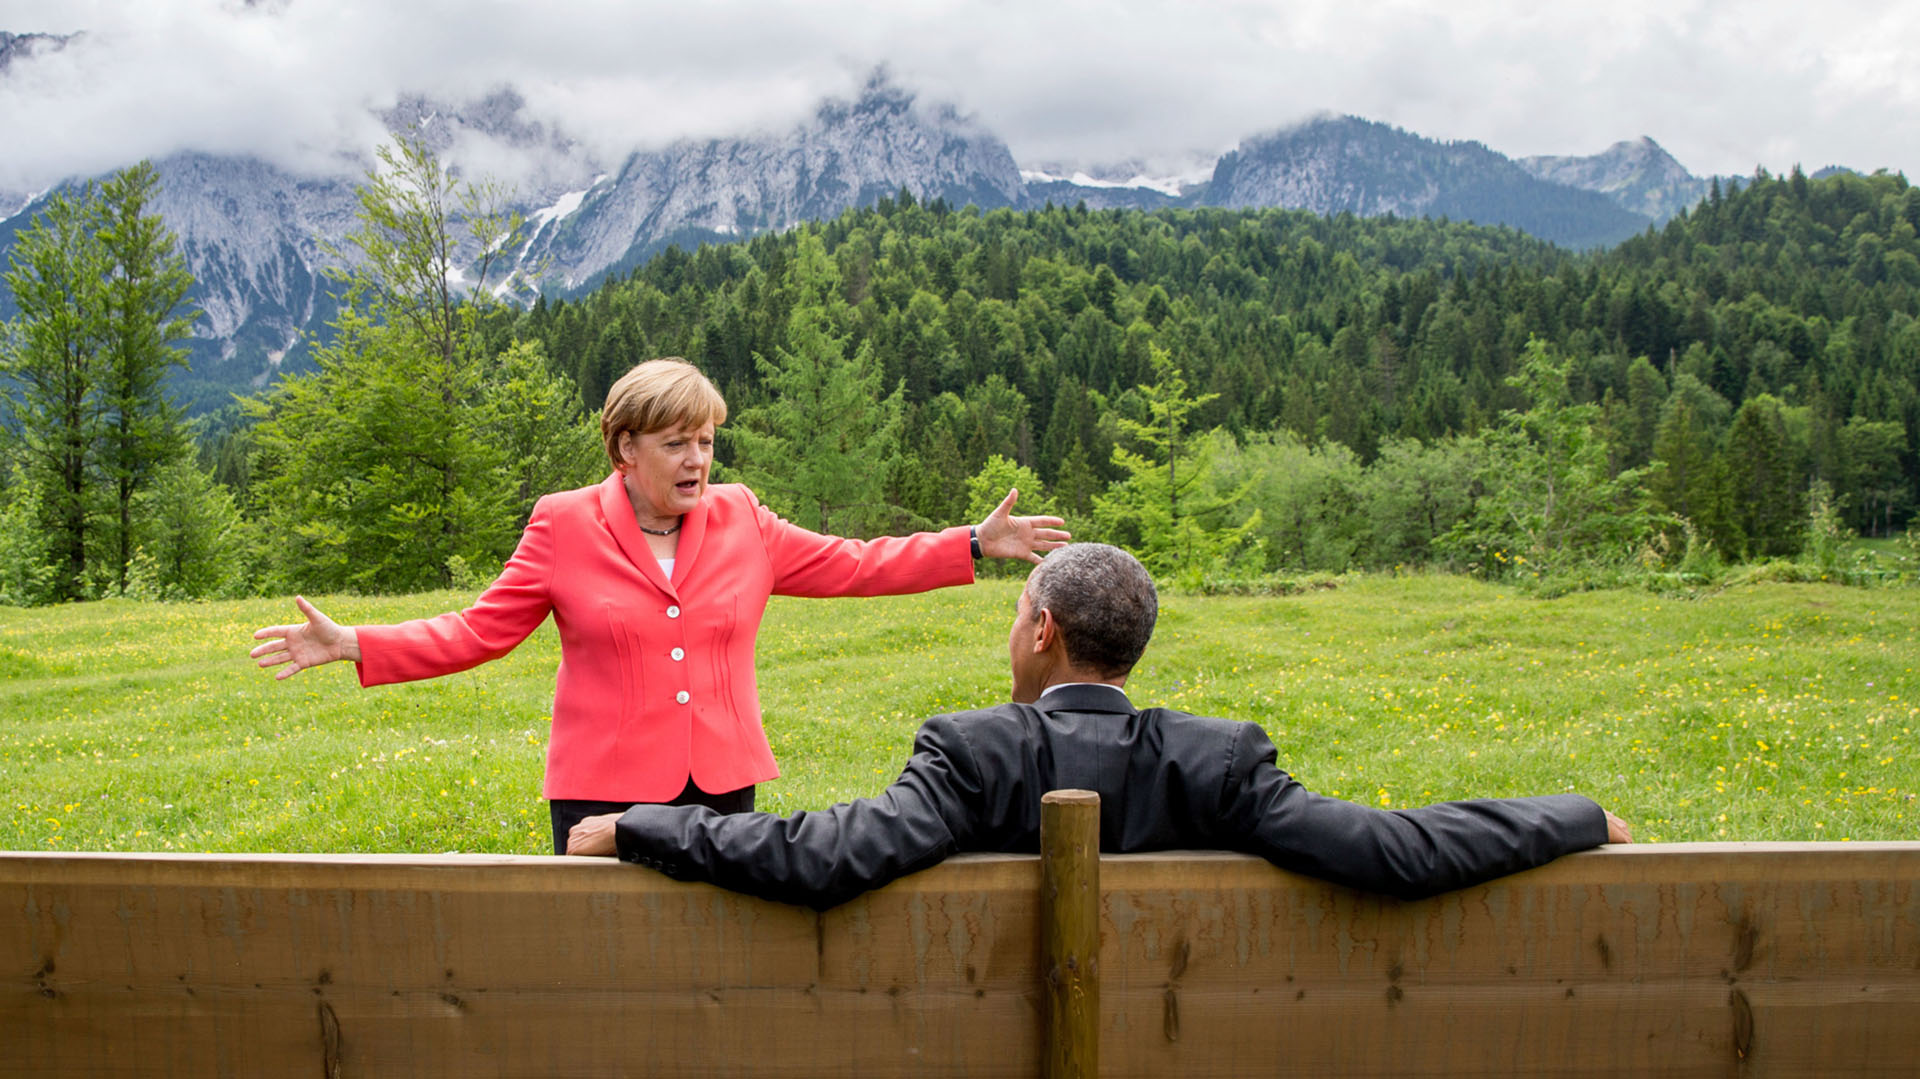 La canciller alemana, Angela Merkel, ha sido uno de los socios más cercanos del presidente Obama en el transcurso de los ocho años de la presidencia. Los dos trabajaron juntos para restablecer la estabilidad en la economía mundial, enfrentar la crisis de los refugiados, combatir el cambio climático y lograr el acuerdo nuclear con Irán. En esta imagen se les ve en conversación en Schloss Elmau, un hotel cerca de Garmisch-Partenkirchen (Alemania), durante la cumbre G7 en junio de 2015.